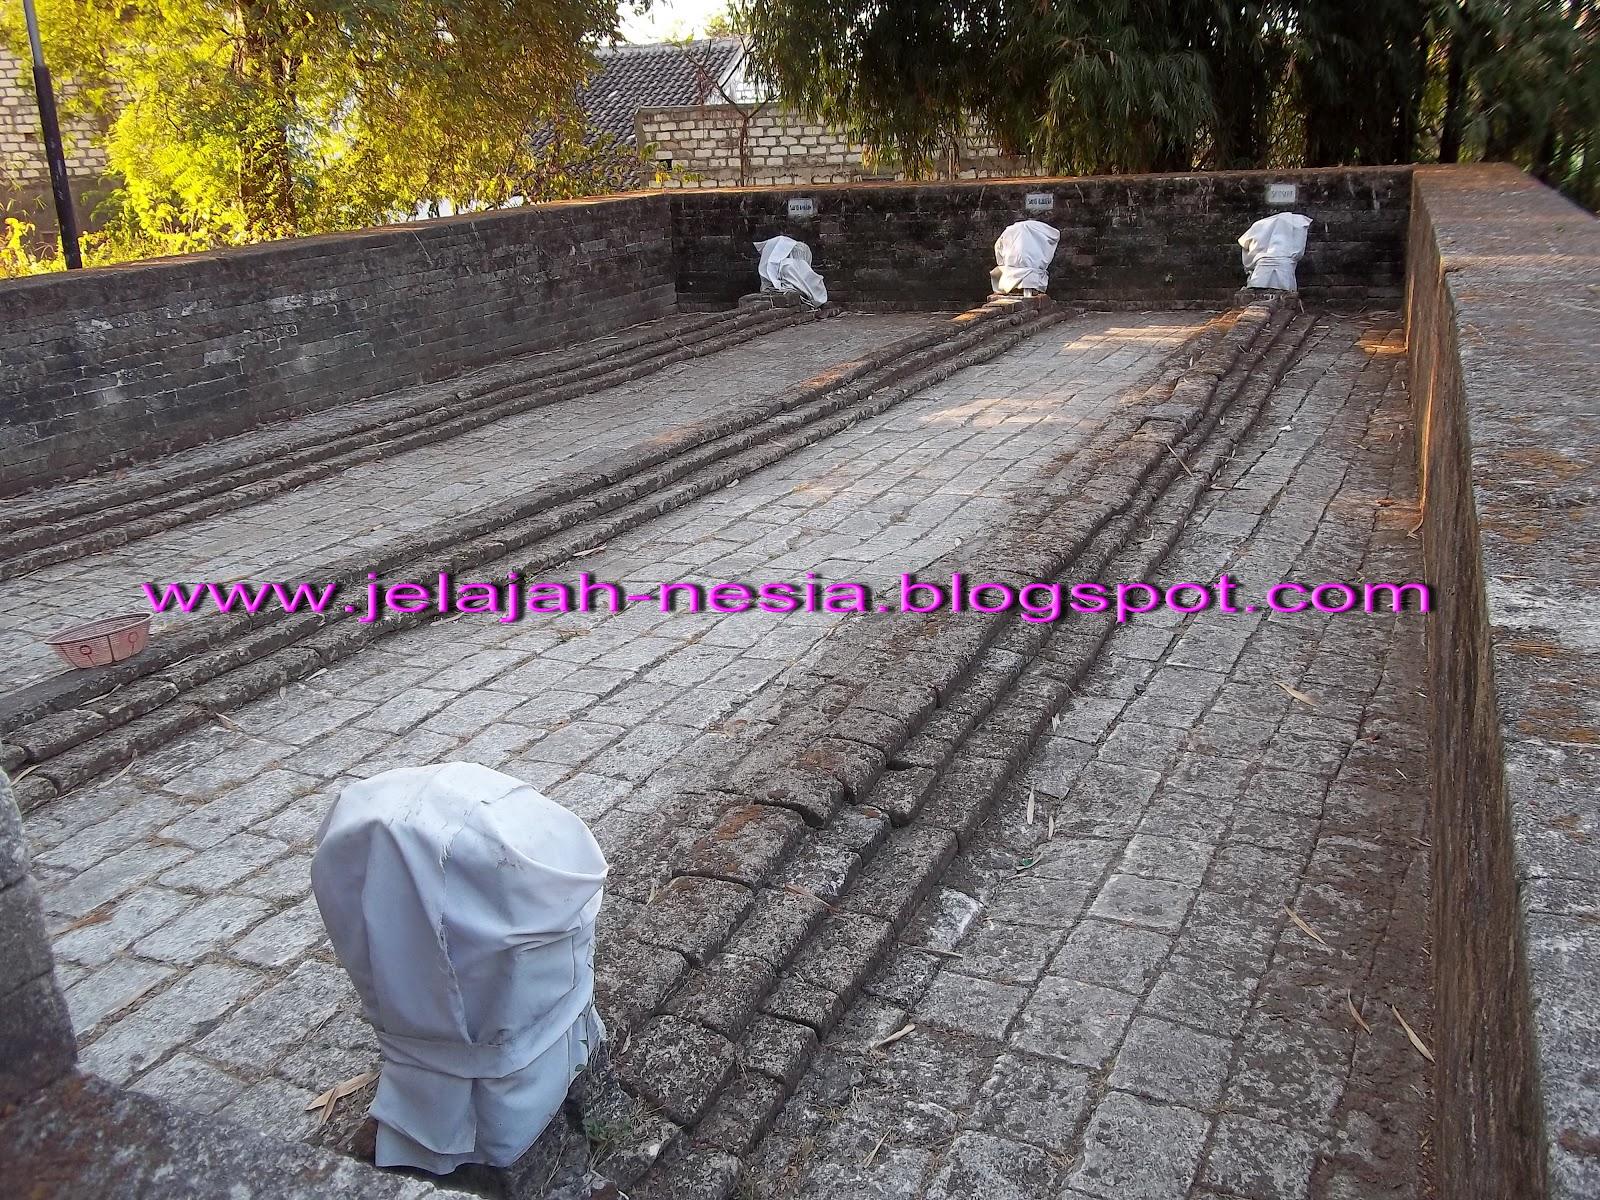 Makam Panjang 9 Meter Gresik Oleh Heri Agung Fitrianto Pantai